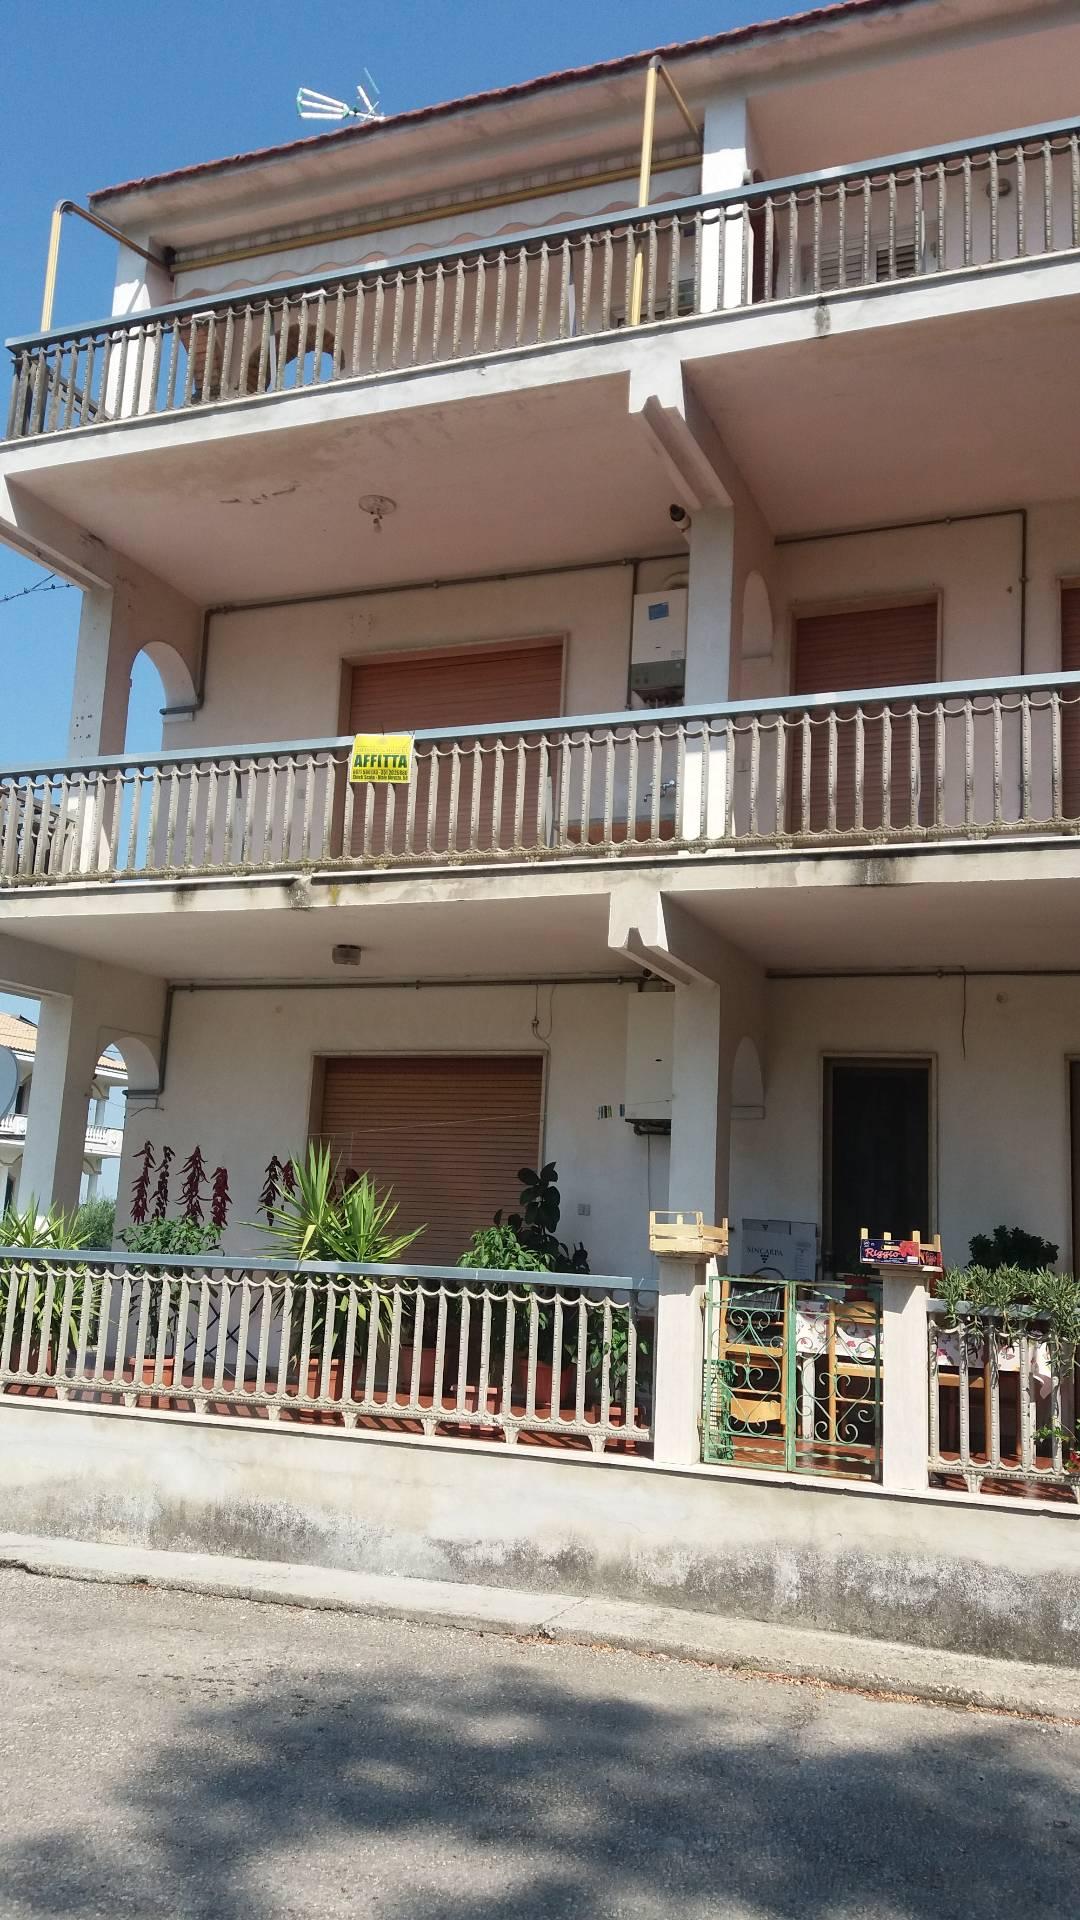 Appartamento in affitto a Chieti, 5 locali, zona Località: S.Martino, prezzo € 350 | Cambio Casa.it